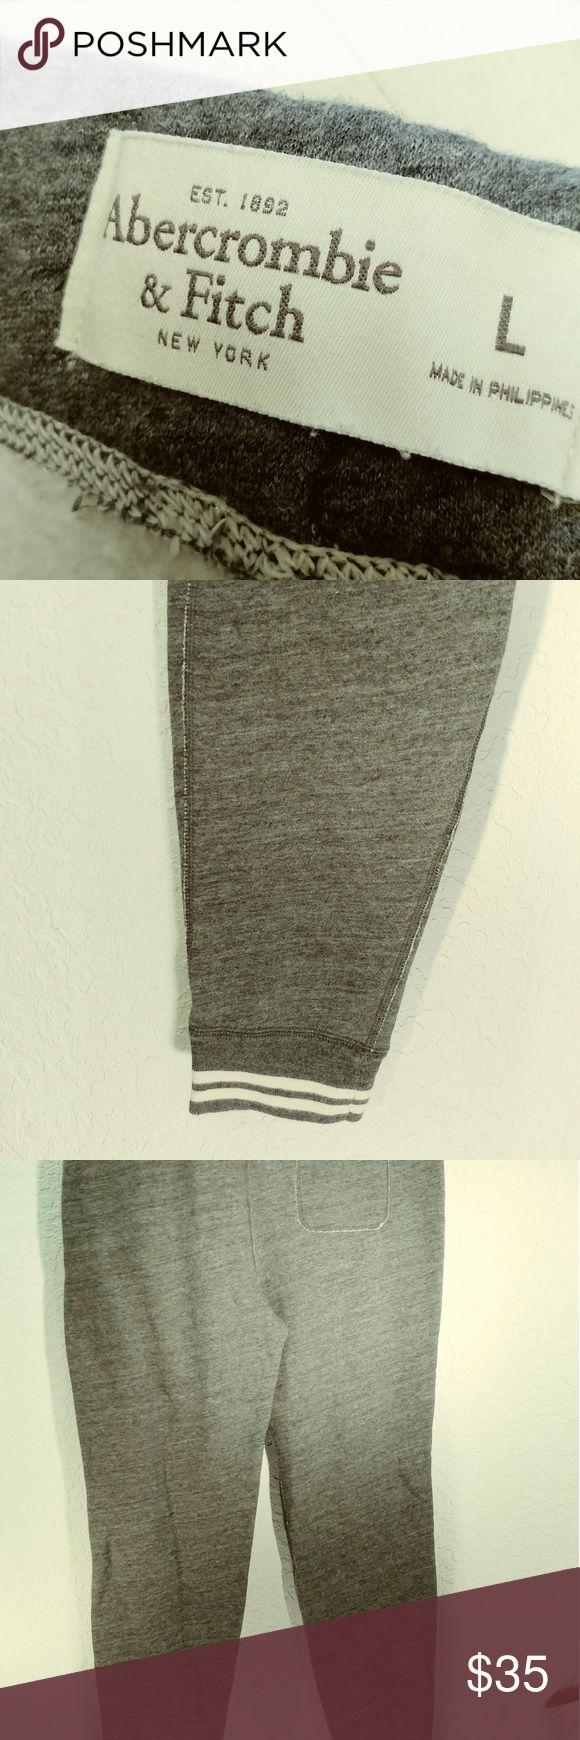 Abercrombie men's size large grey sweatpants New without tags Abercrombie men's sweatpants tapered leg size large Abercrombie Pants Sweatpants & Joggers